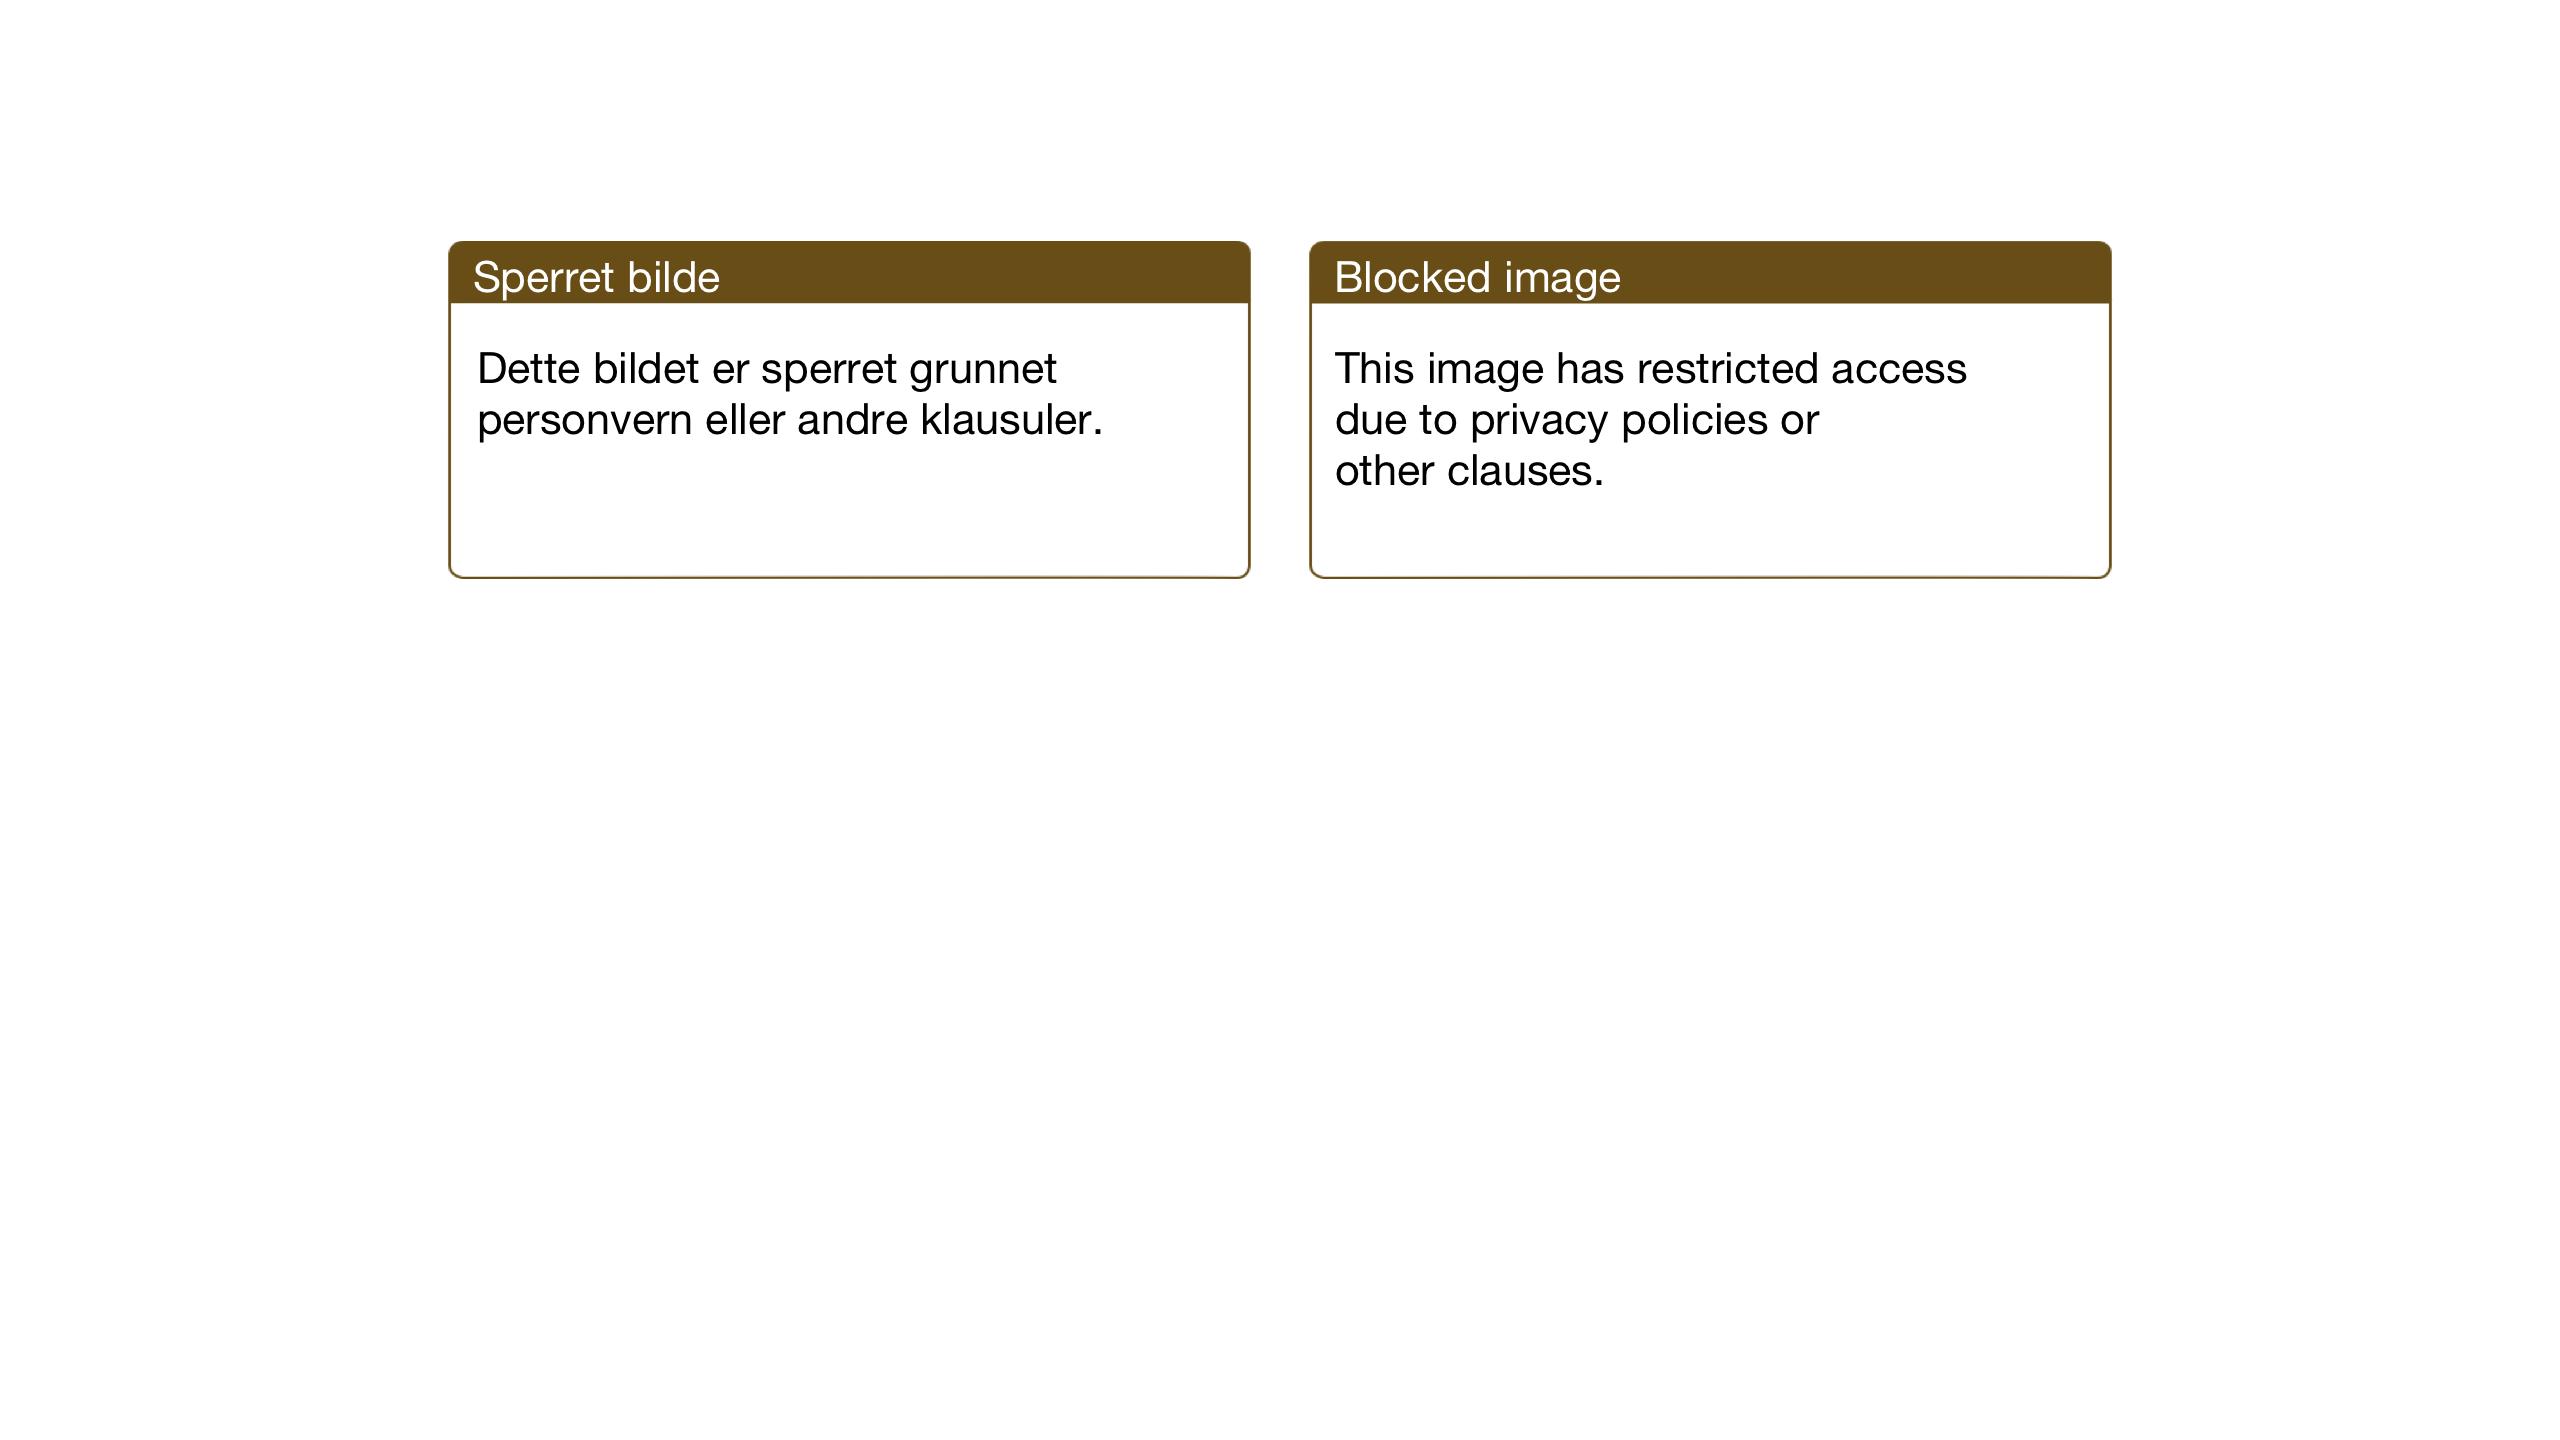 SAT, Ministerialprotokoller, klokkerbøker og fødselsregistre - Sør-Trøndelag, 602/L0151: Klokkerbok nr. 602C19, 1925-1951, s. 151